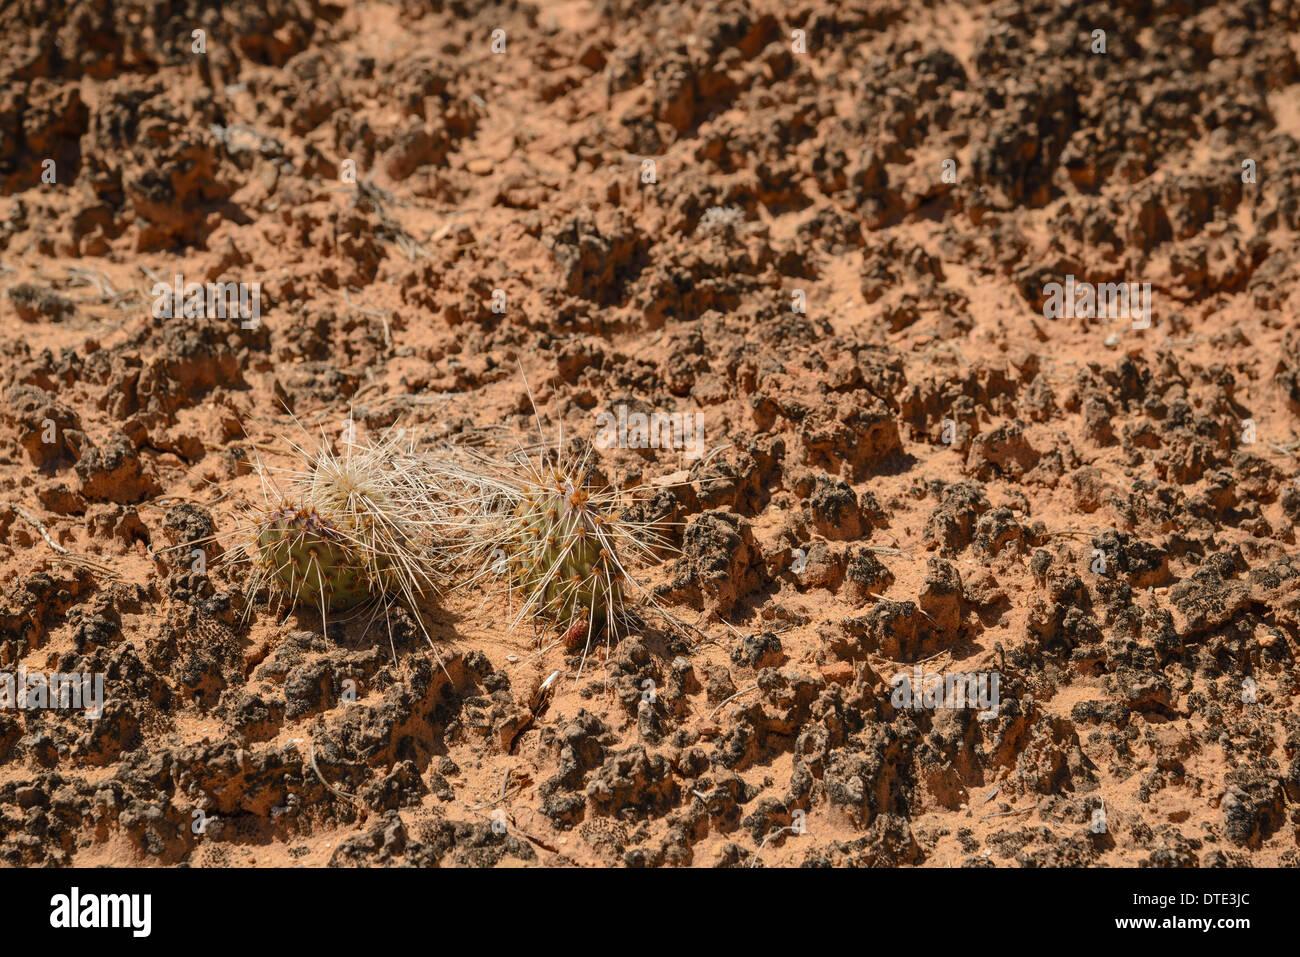 Biologico crosta del suolo, gli aghi sezione del Parco Nazionale di Canyonlands, Utah, Stati Uniti d'America Immagini Stock